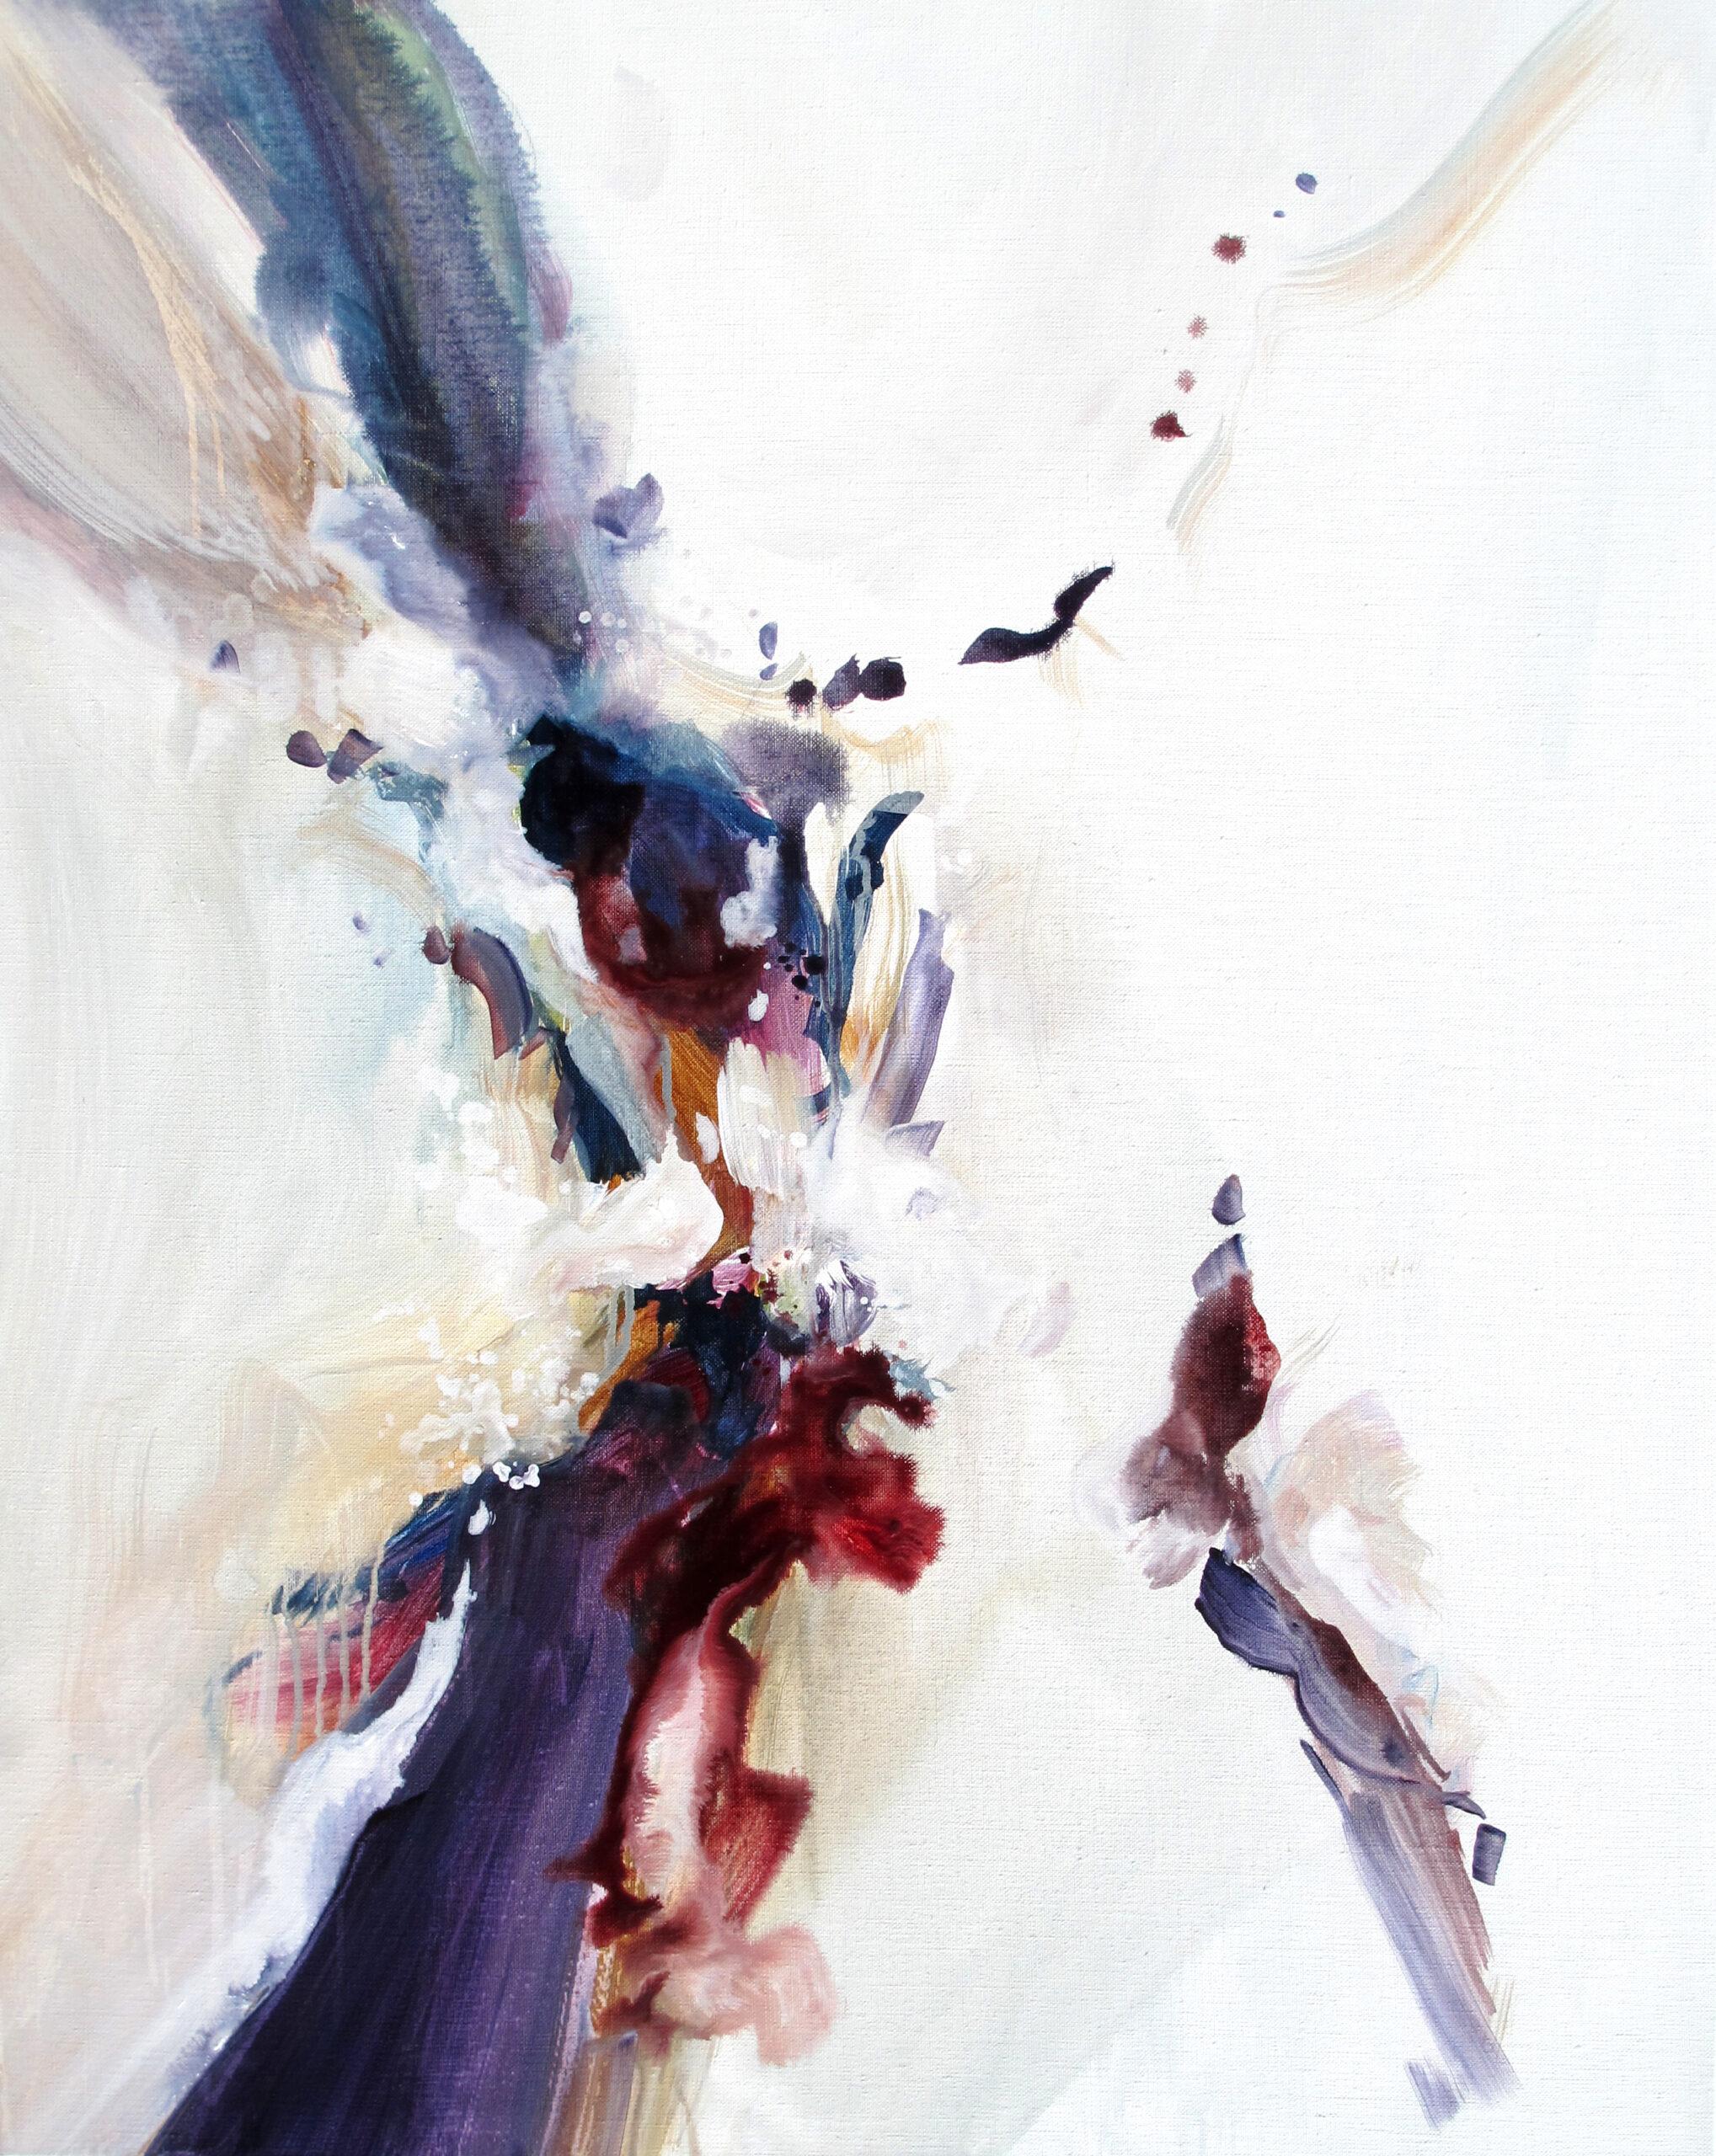 Entre Elle et Blanche - n°A021118 -Acrylique sur toile - 92 x 73 cm